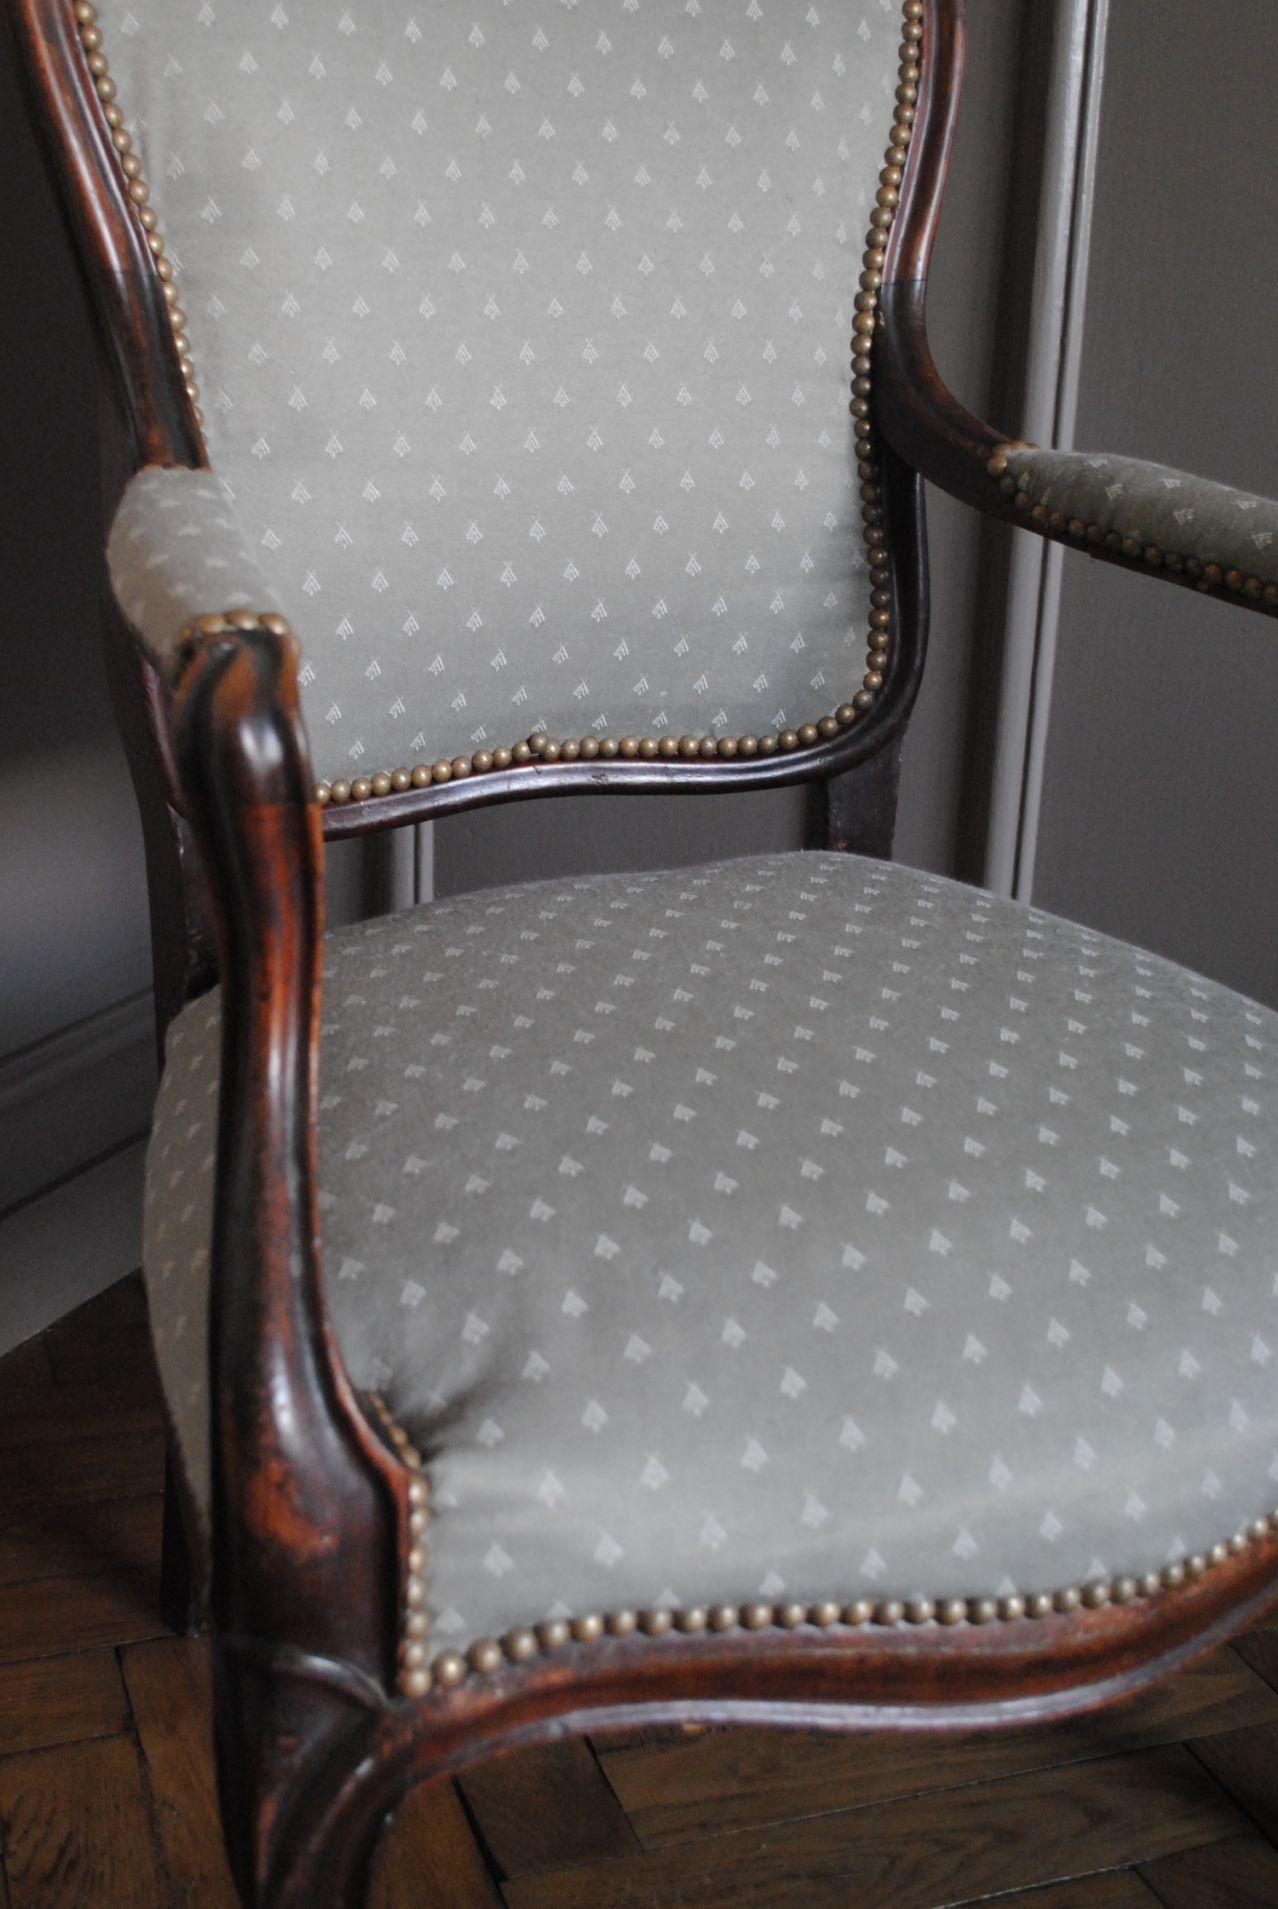 diy retapisser un fauteuil 10 chambre en 2019 pinterest fauteuil retapisser un fauteuil. Black Bedroom Furniture Sets. Home Design Ideas